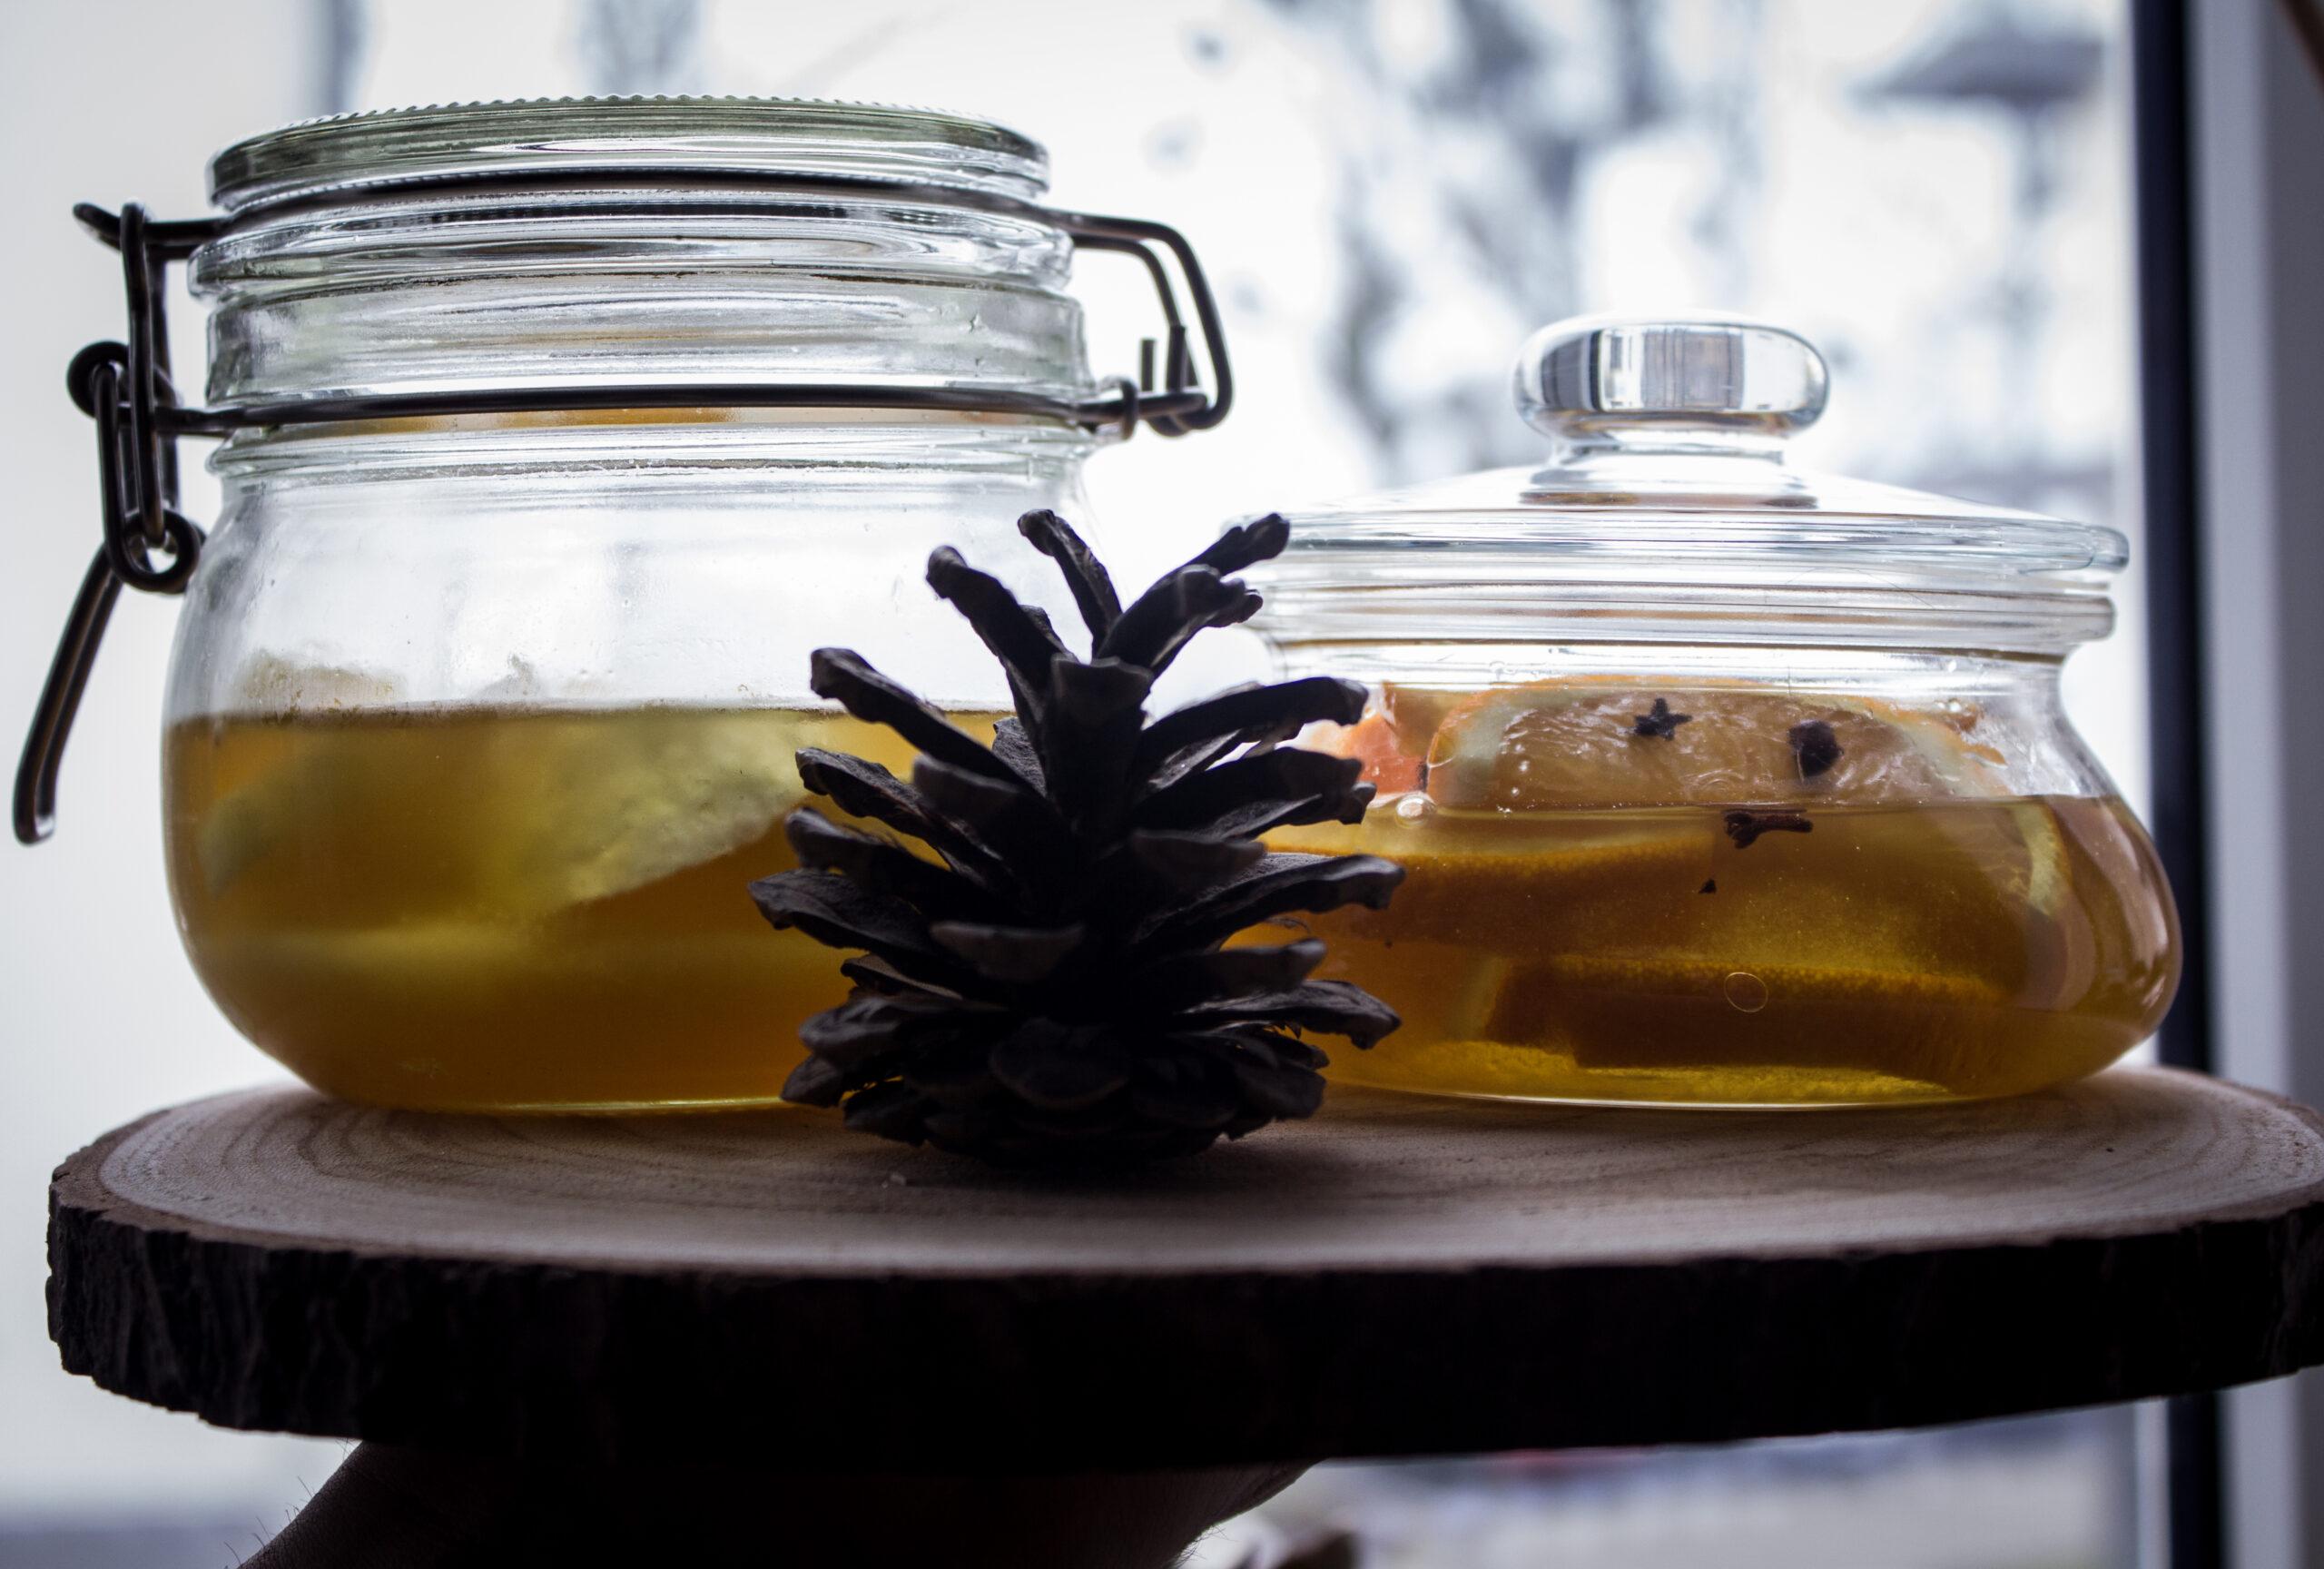 Cytryny i pomarańcze w miodzie, czyli idealny dodatek do zimowej herbaty.